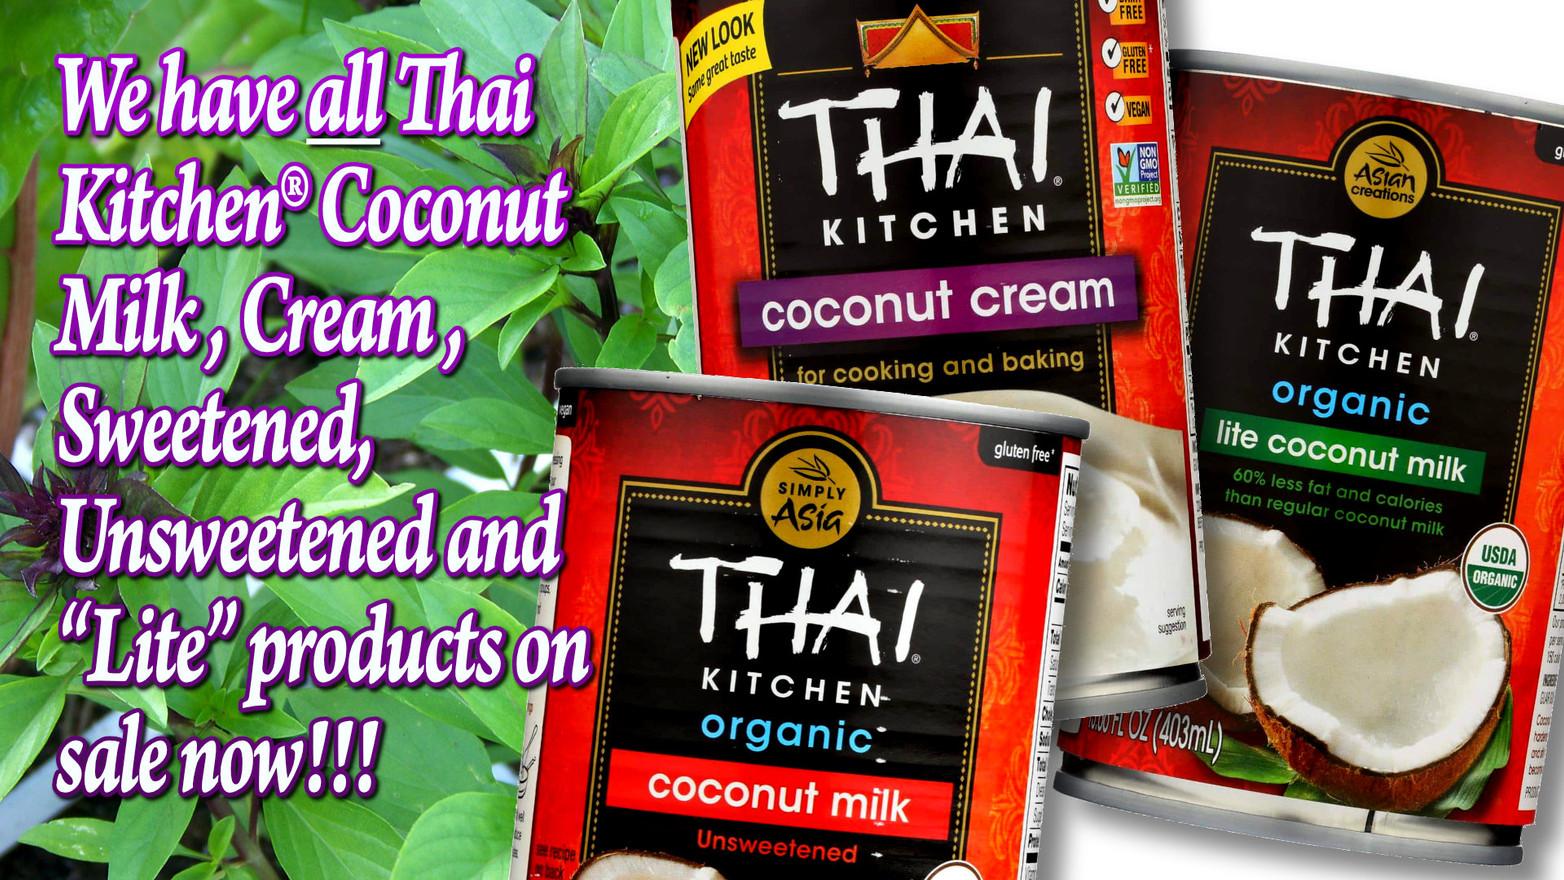 thai kitchen-sale.jpg